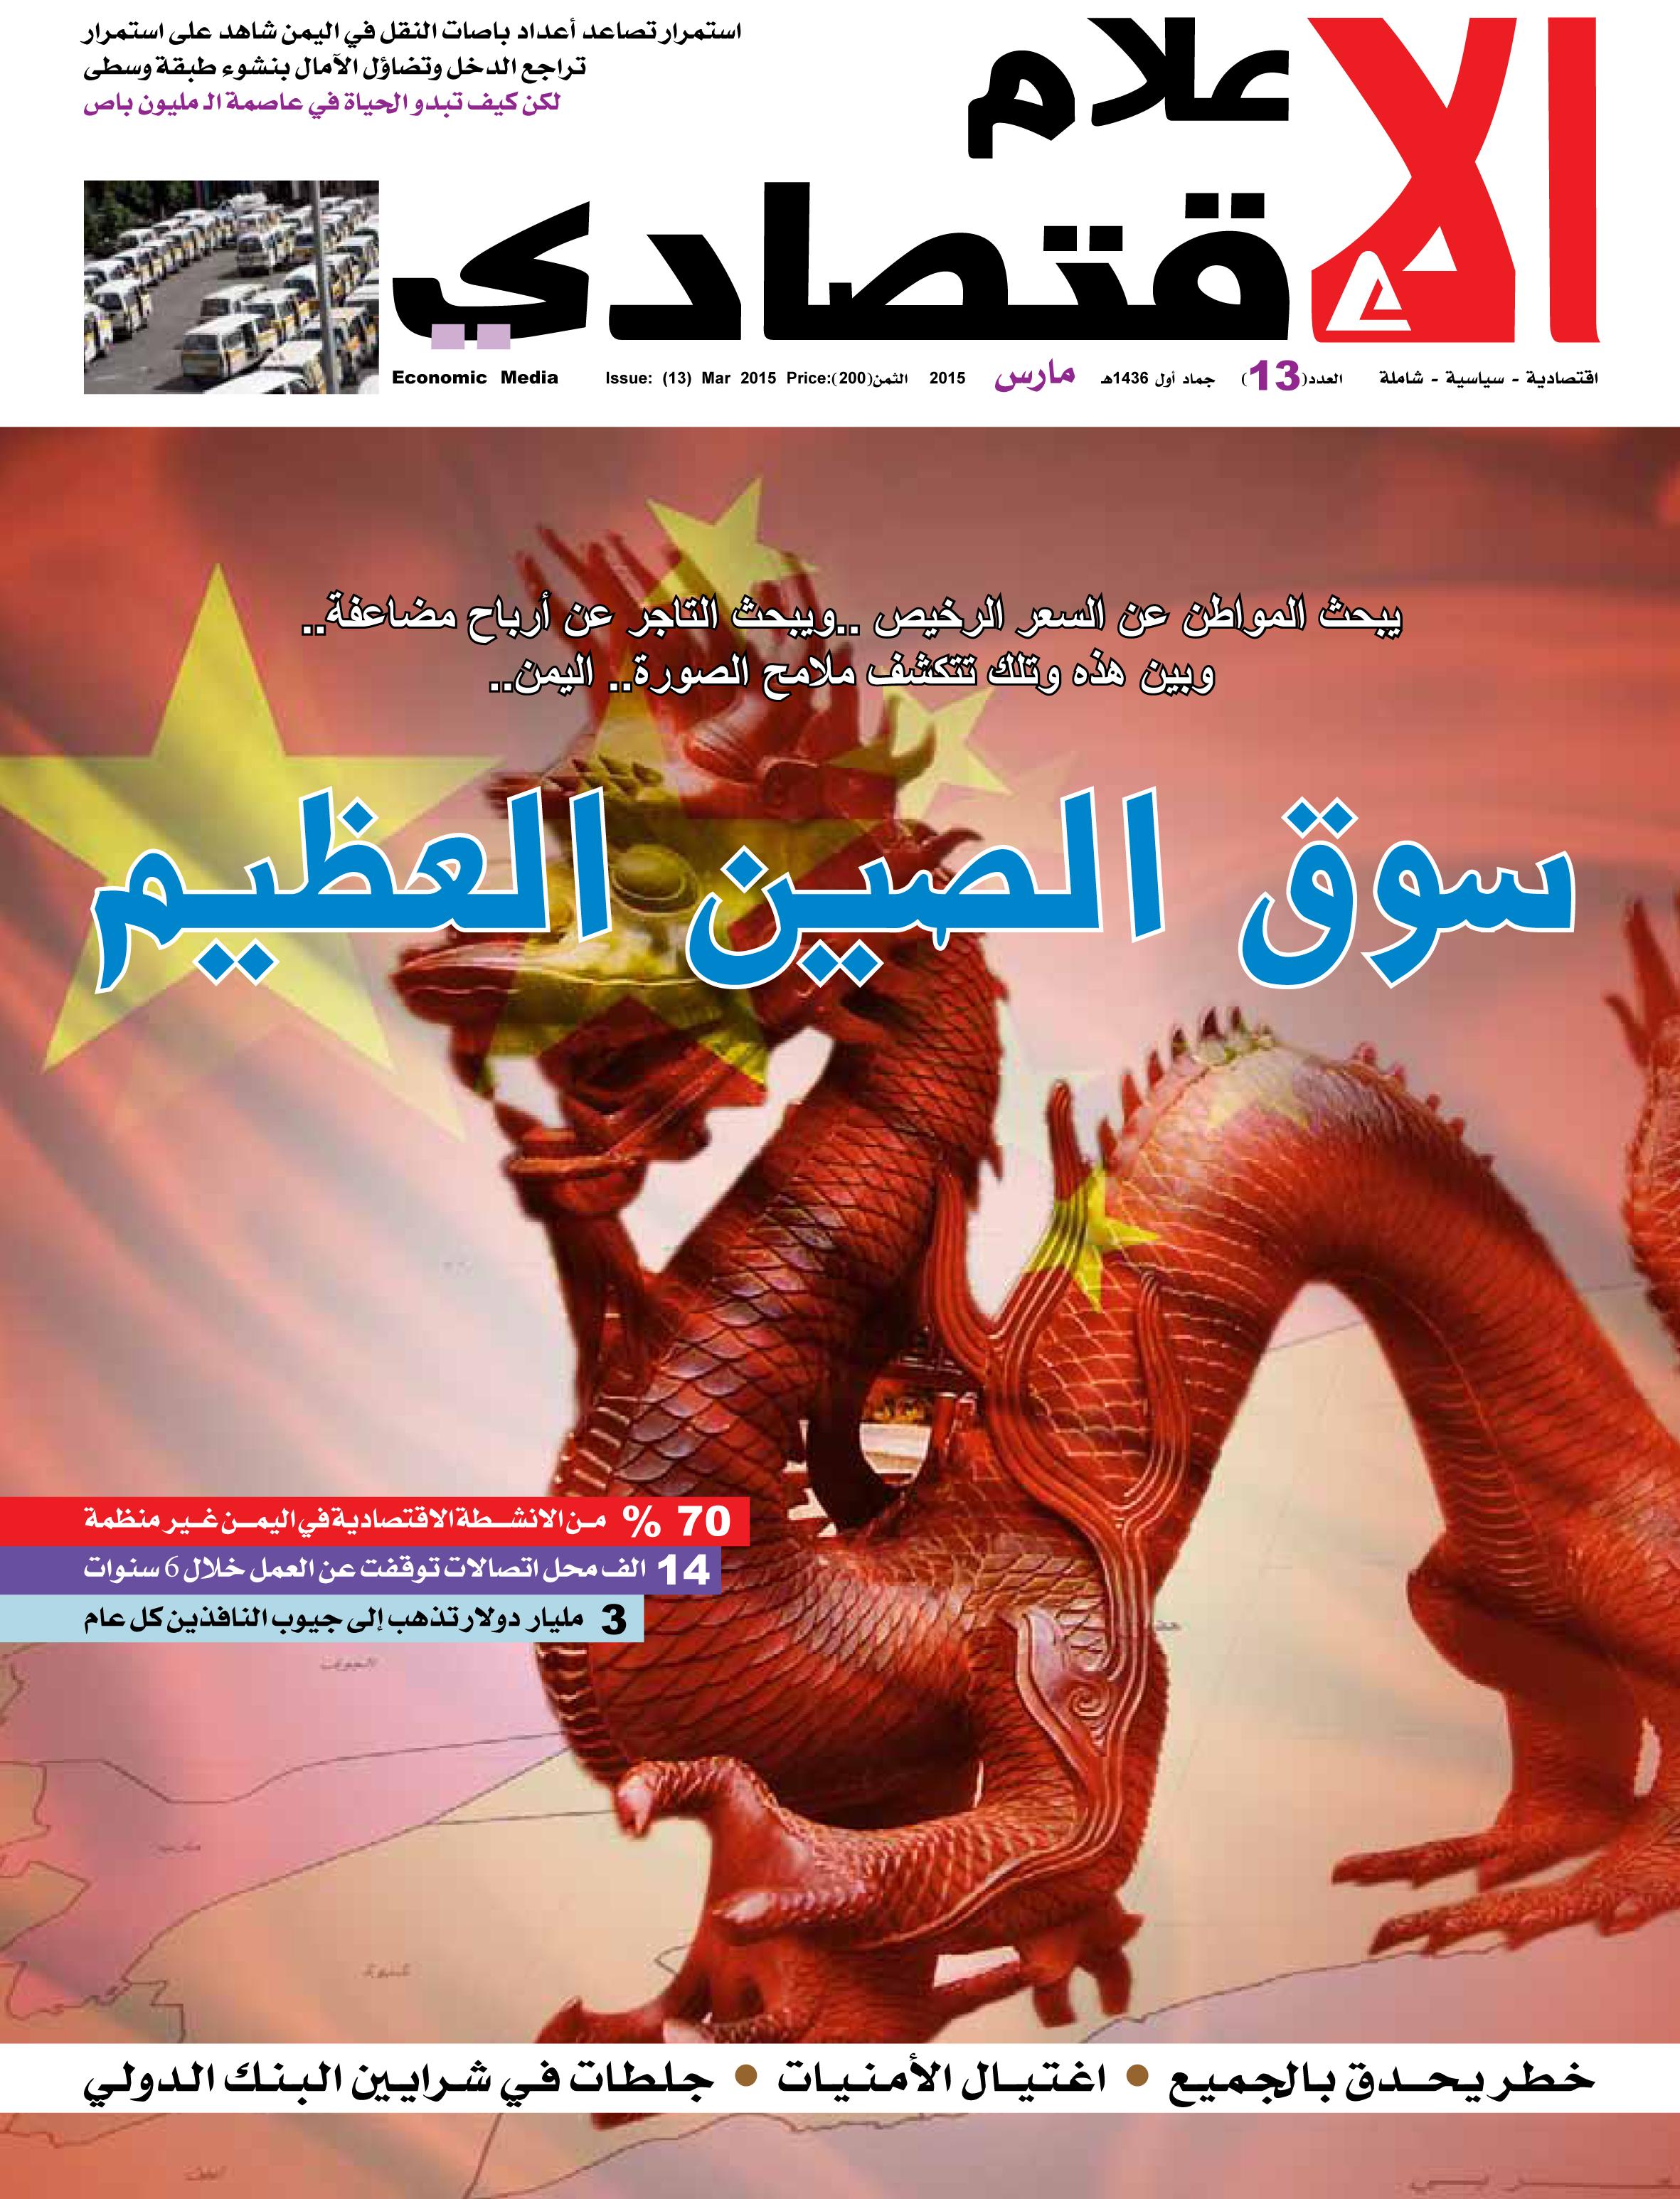 العدد الثالث عشر من مجلة الاعلام الاقتصادي